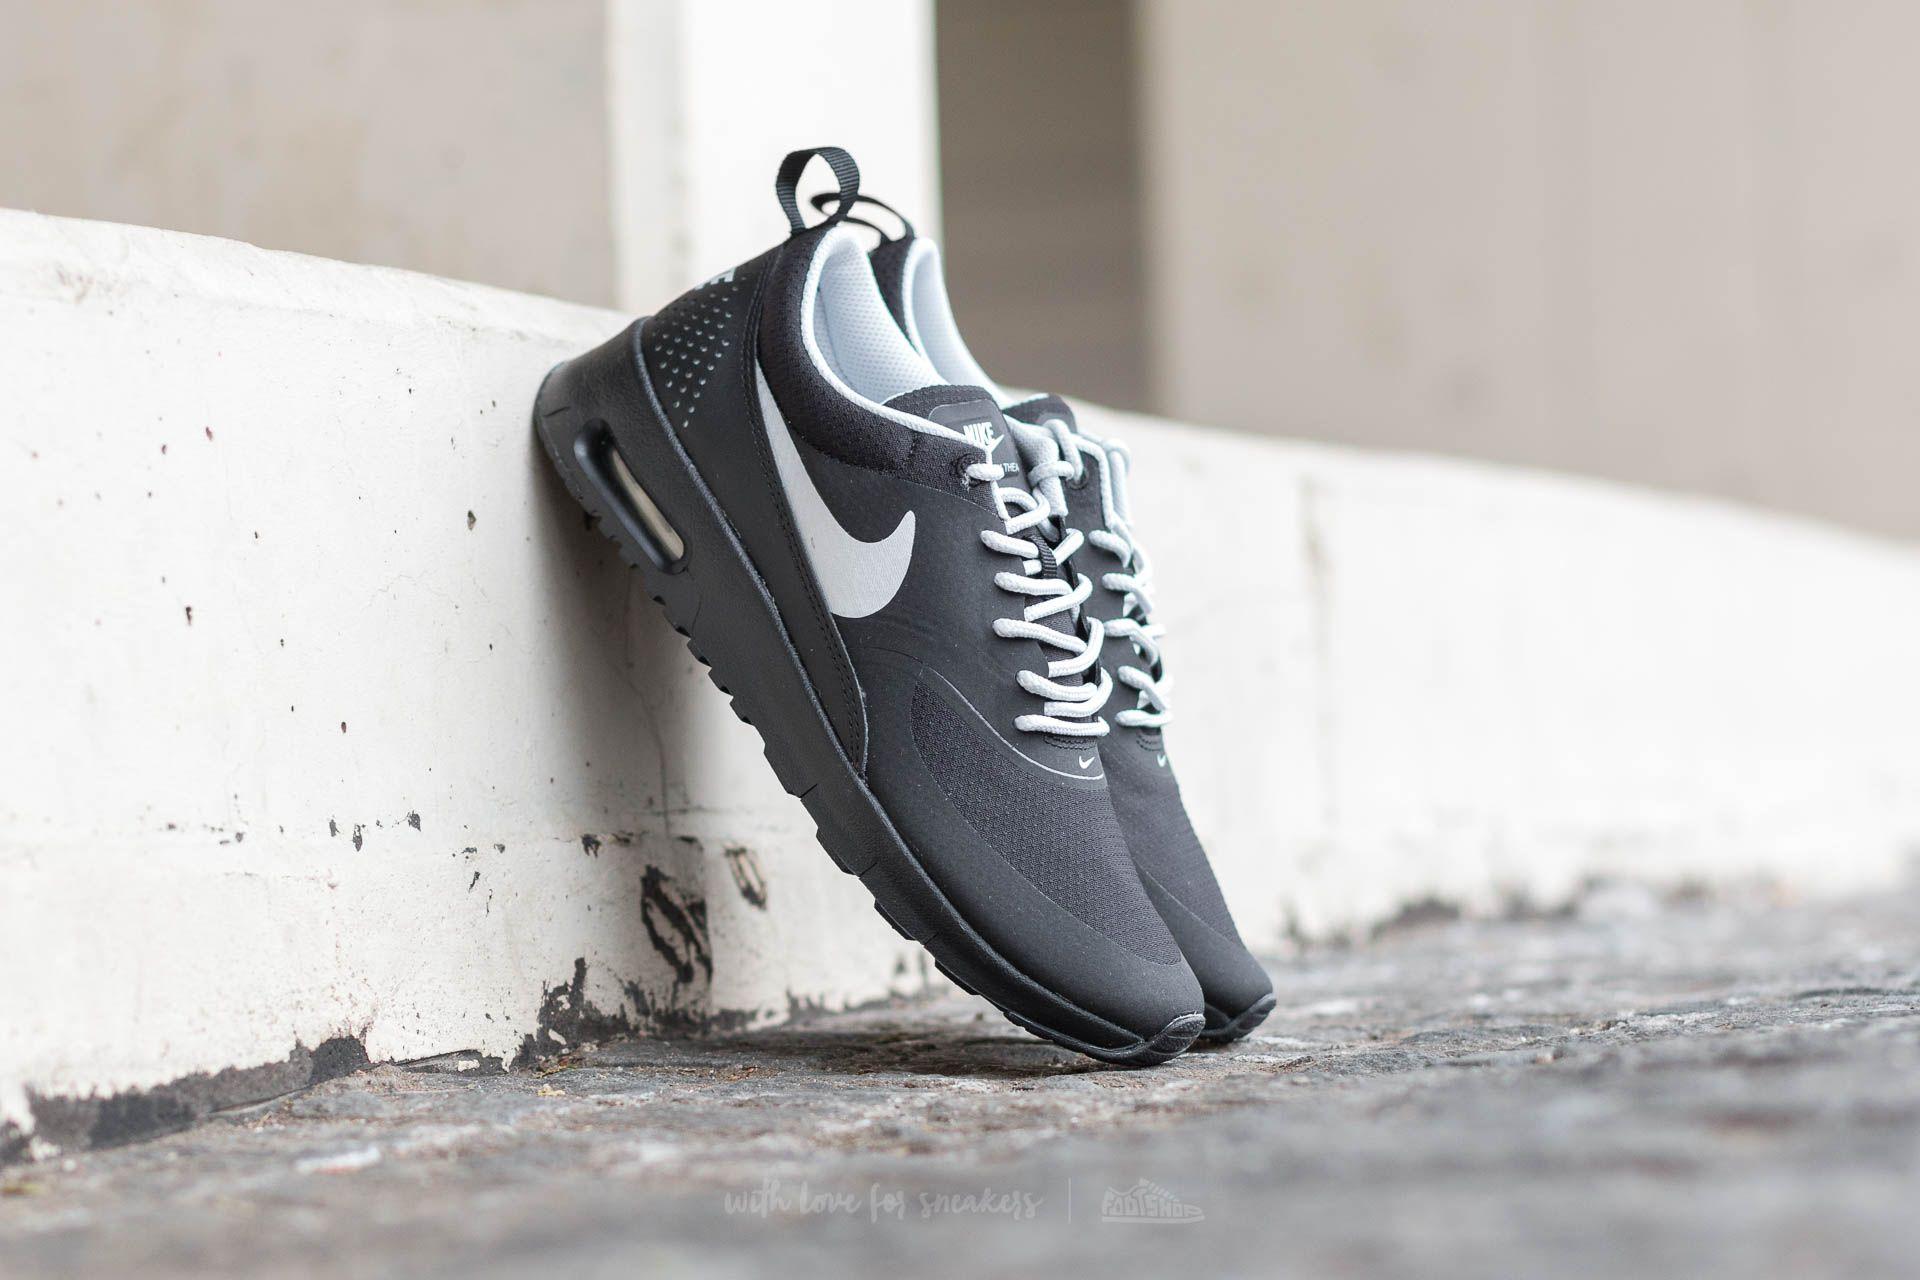 Nike Air Max Thea (GS) Black Metallic Platinum Pure Platinum | Footshop